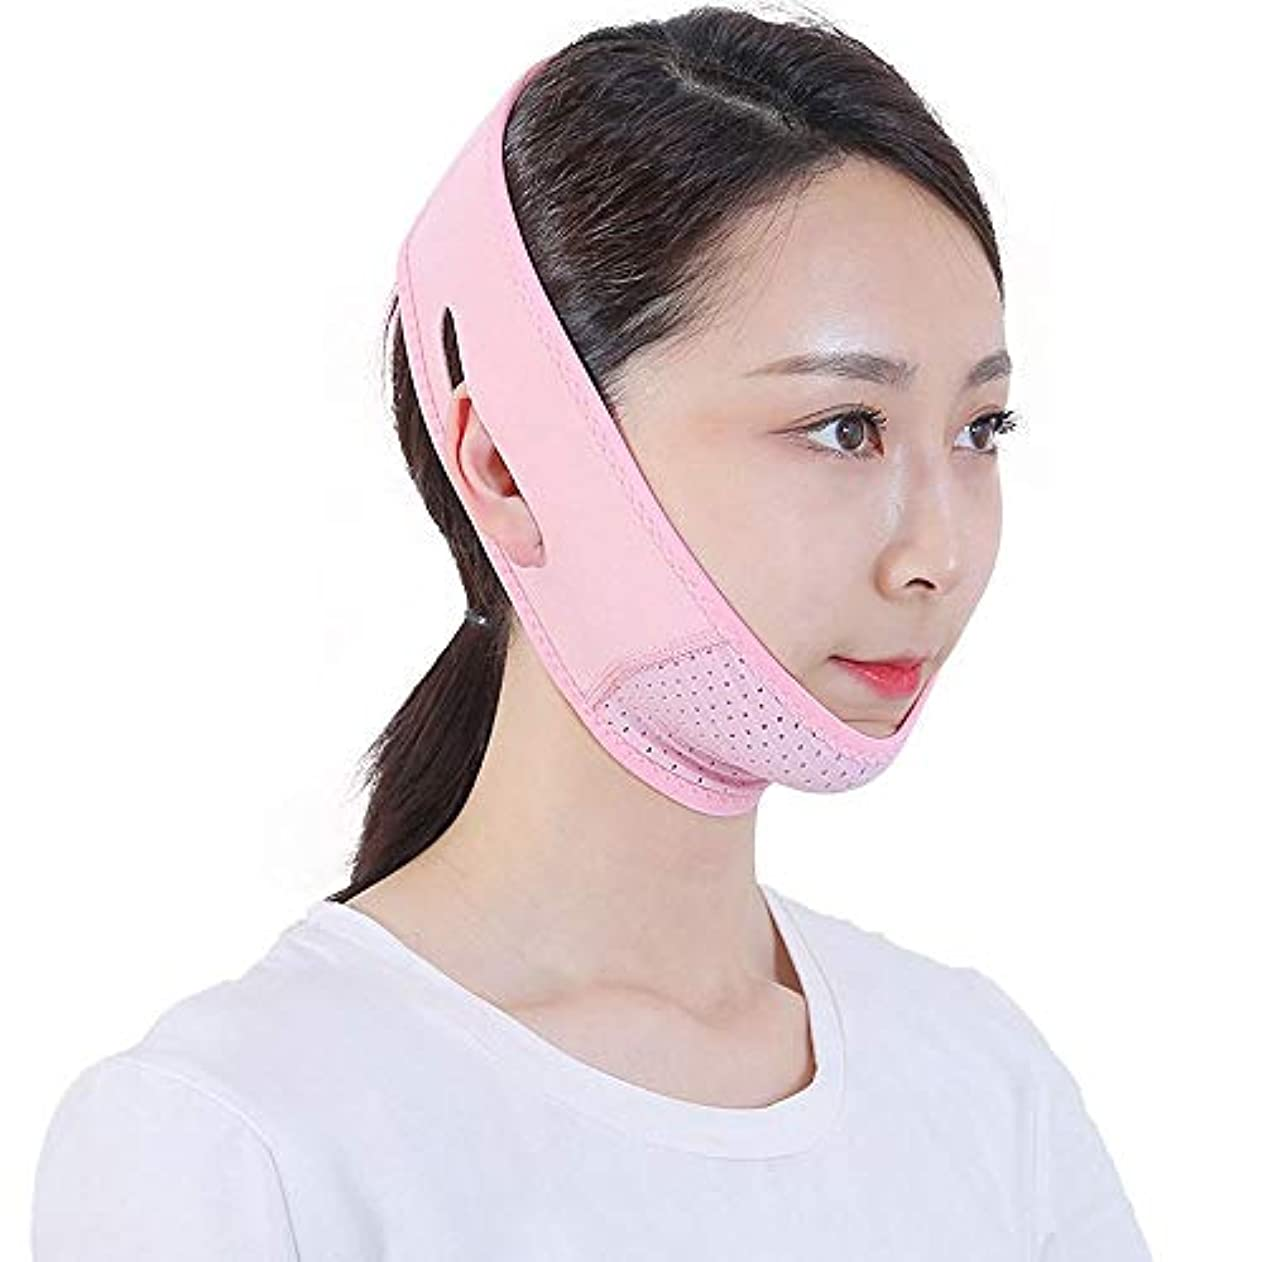 大胆不敵余剰熟練したHEMFV 顔のリフティングスリミングベルト、Vラインチンチークリフトアップバンドの女性のための、二重あごケア減量Vフェイスアンチリンクル包帯補正ベルト - レッド通気性